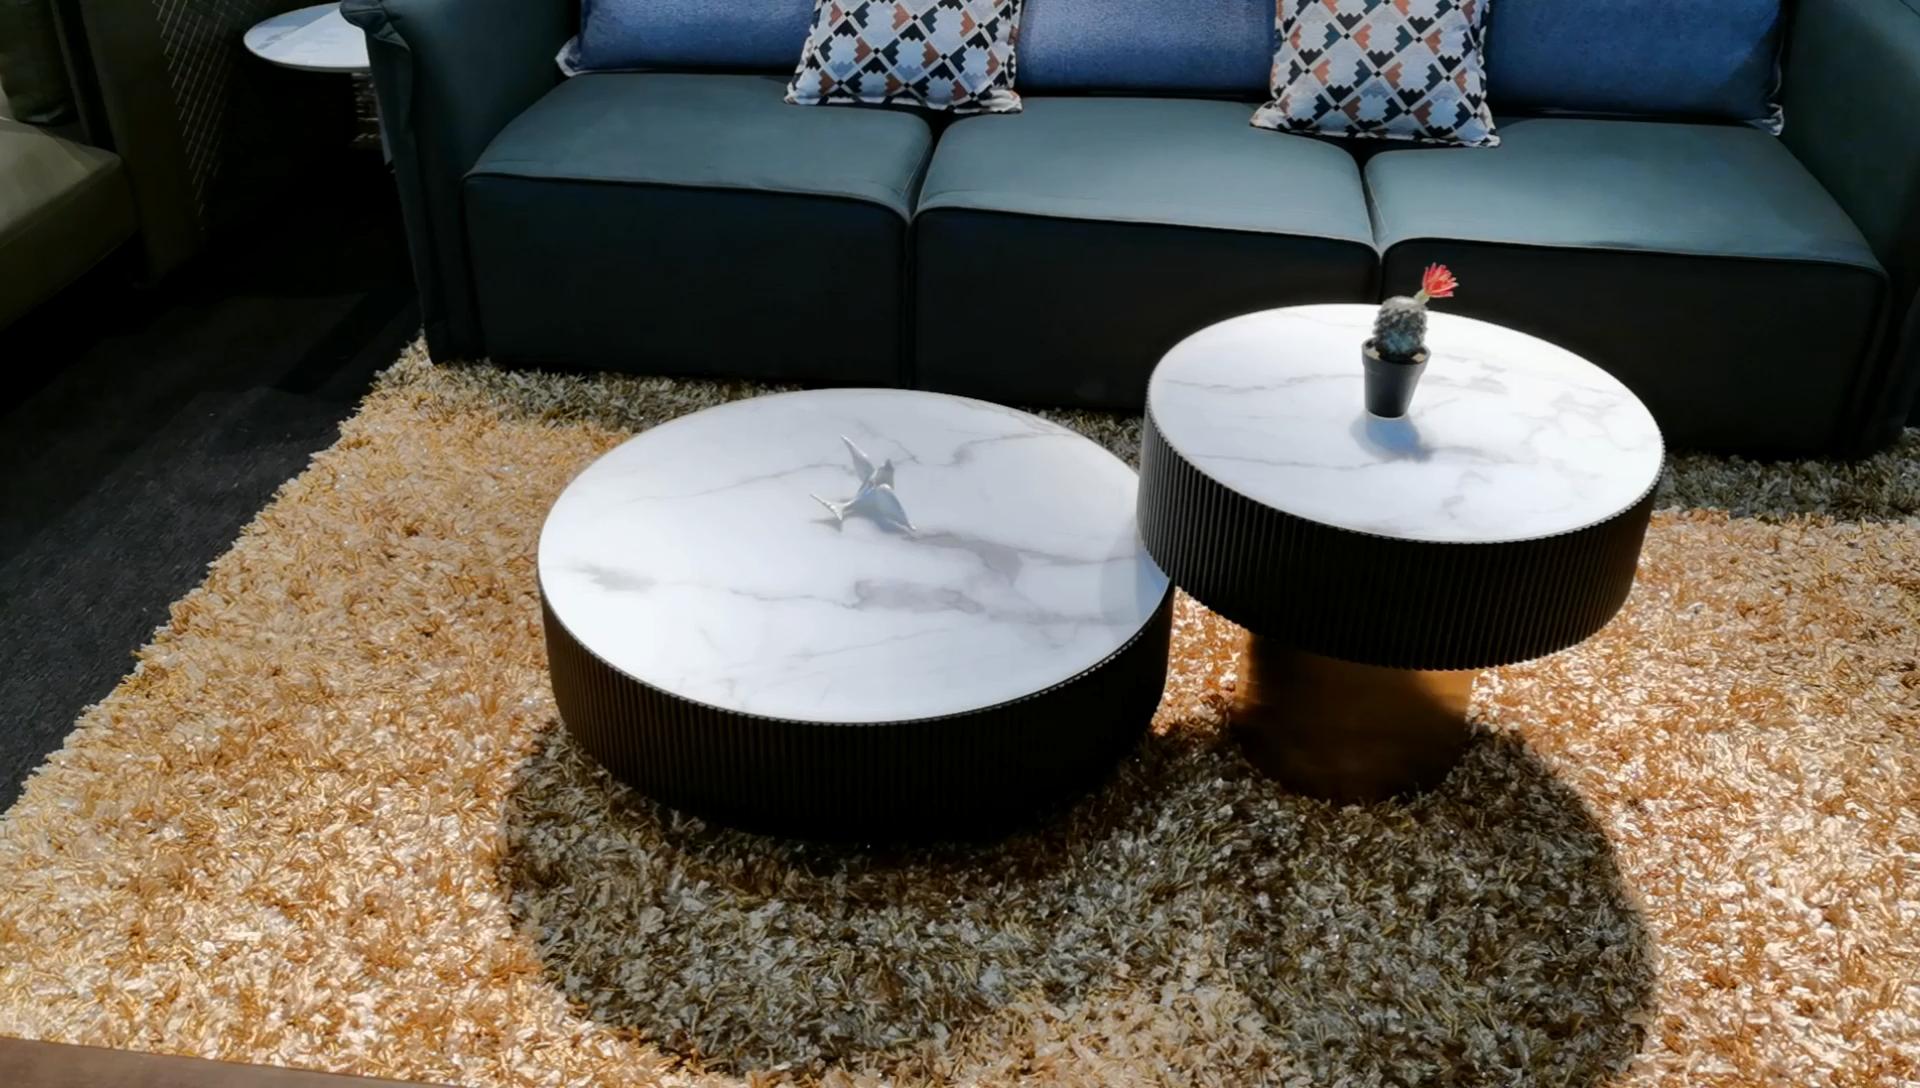 SK1905A nórdicos muebles para el hogar moderno Natural duradera mesa de café de madera